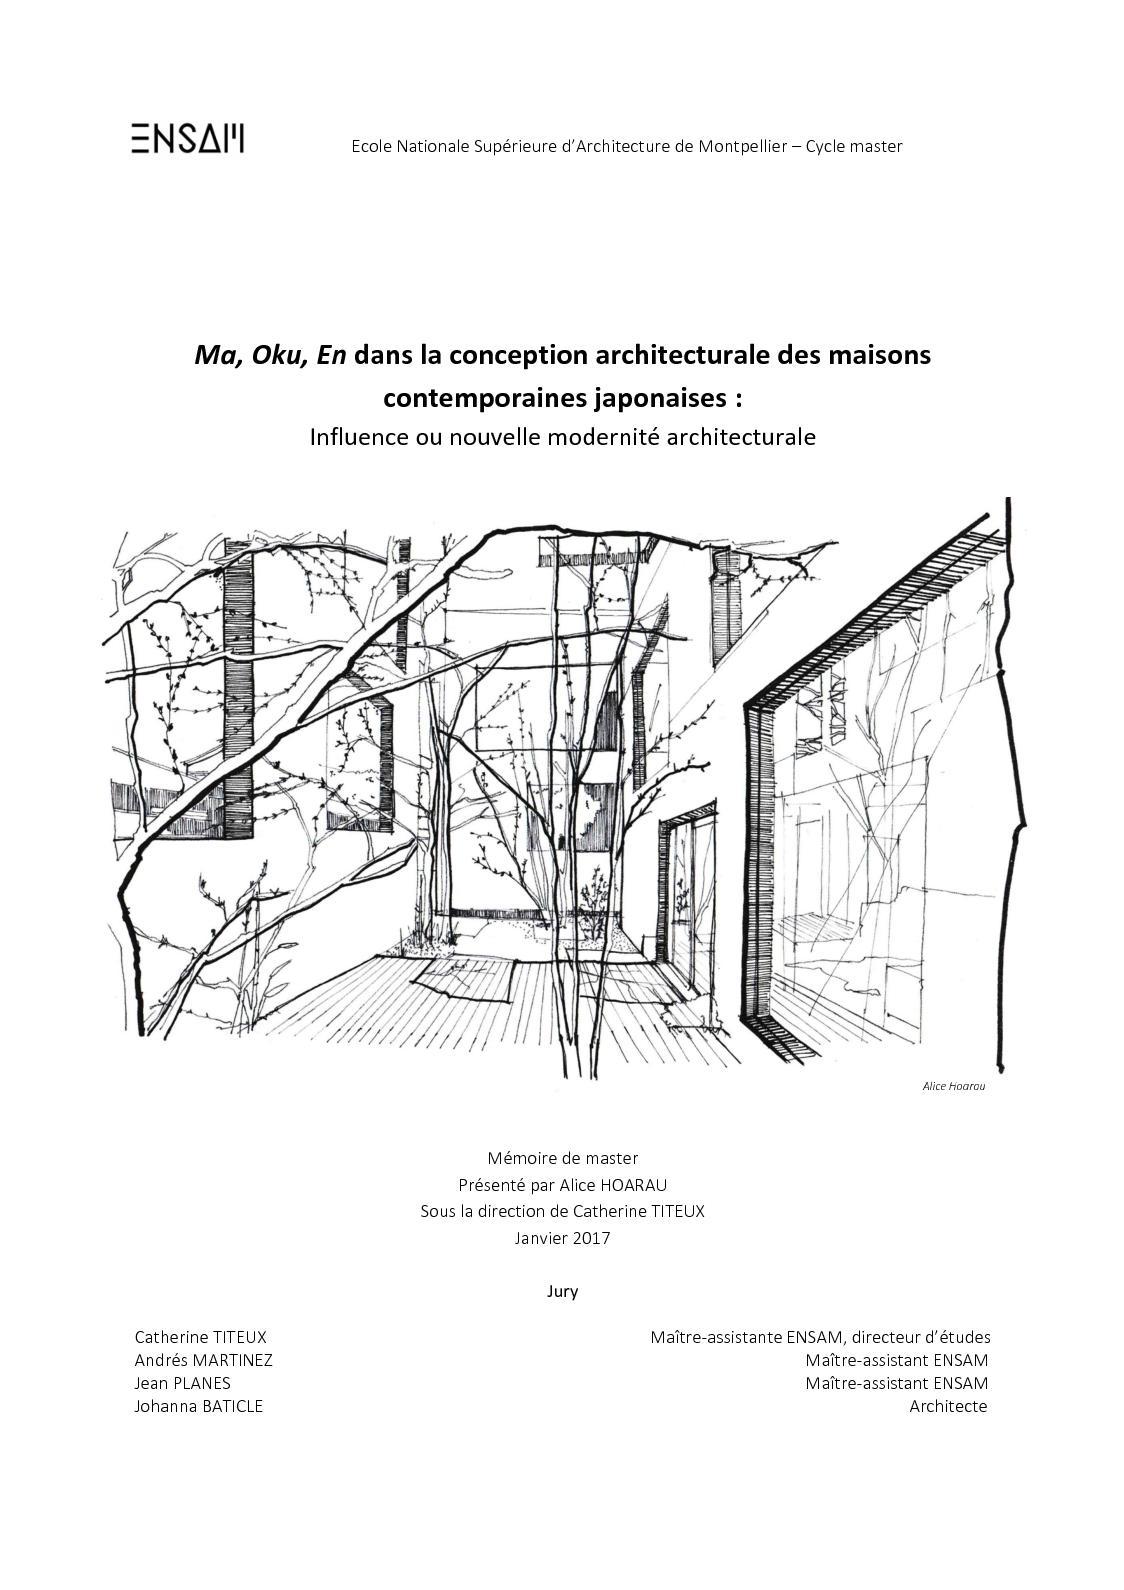 Plan Maison Traditionnelle Japonaise calaméo - alice hoarau mémoire - l'habitat japonais